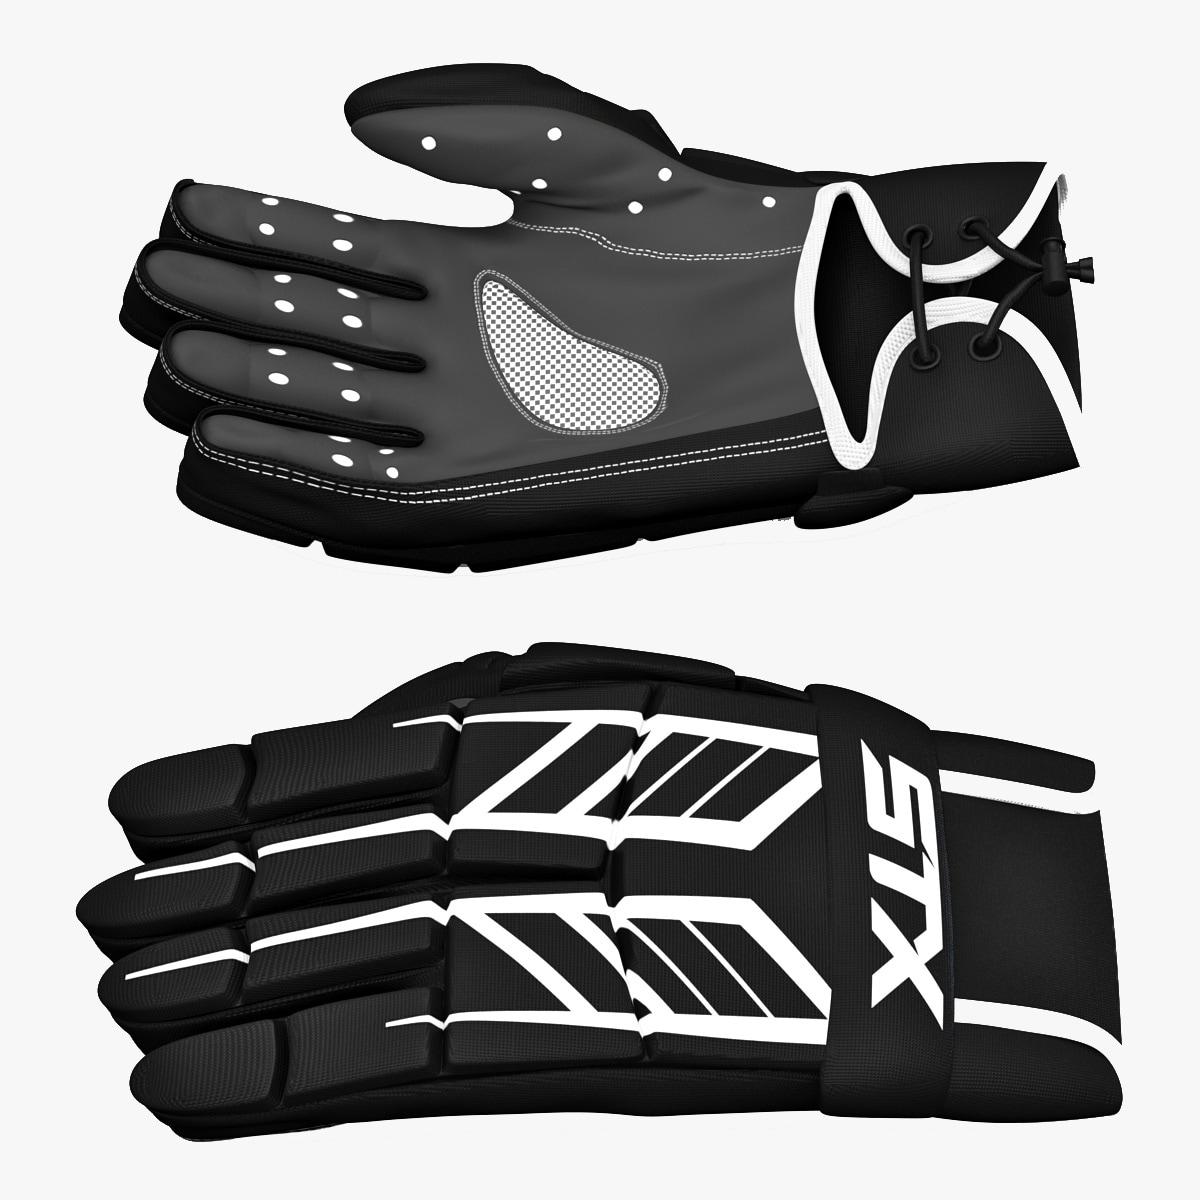 STX_Stinger_Lacrosse_Gloves_000.jpg